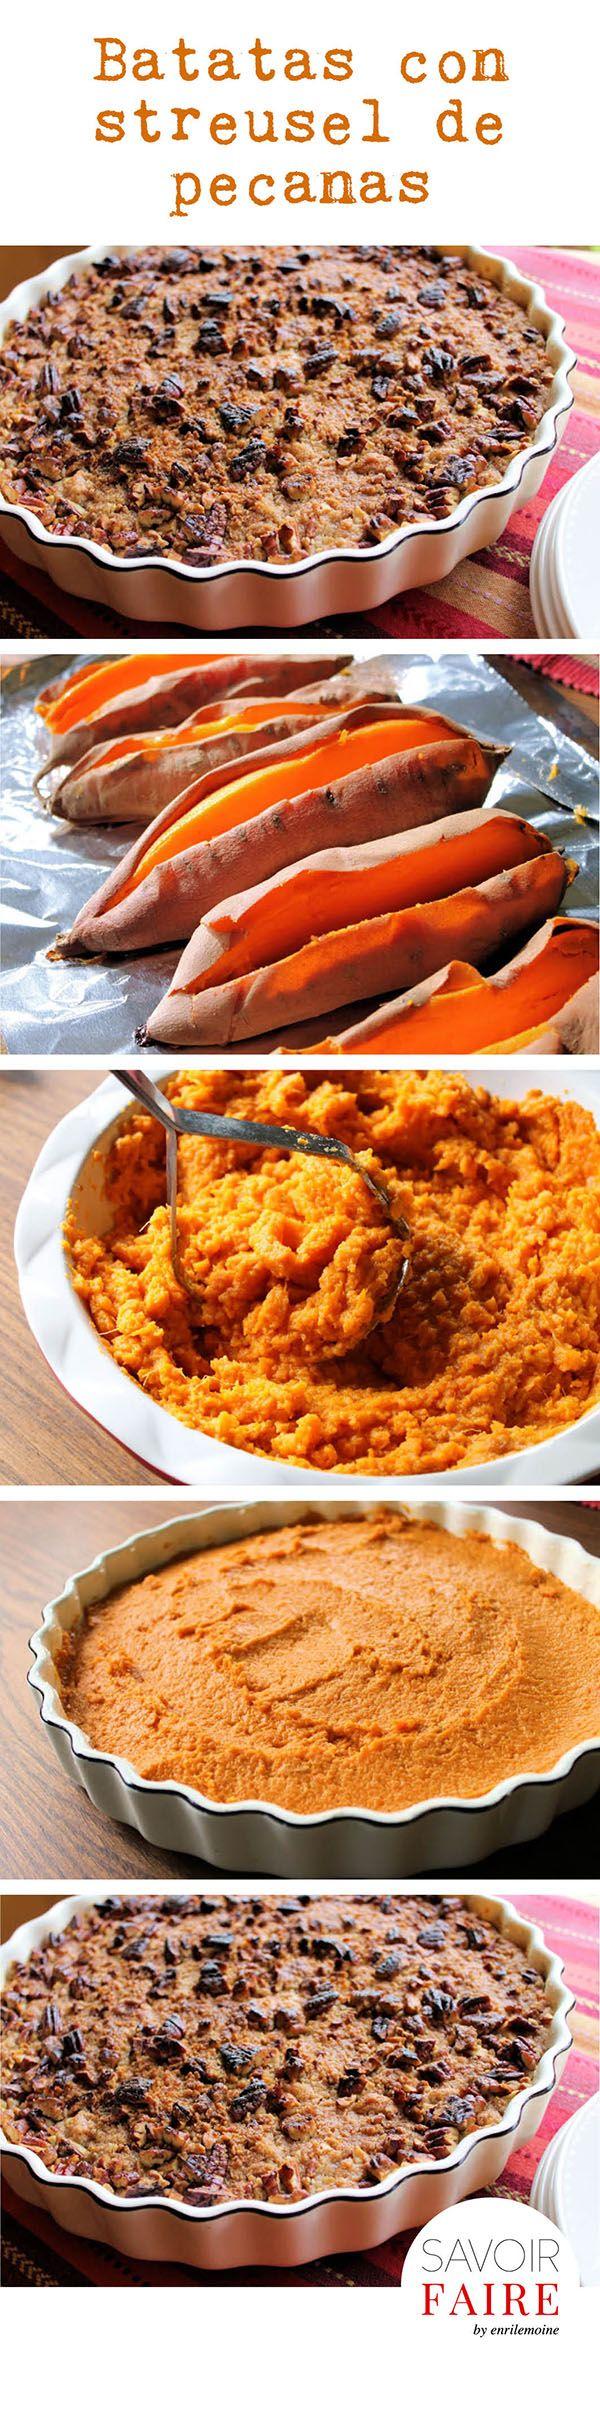 Esta dulce receta de puré de batatas con streusel de pecanas es una delicia y es perfecta para tu menú de Acción de Gracias. Te invito a leerla en mi blog Savoir Faire (haz clic en la imagen para ver la receta).